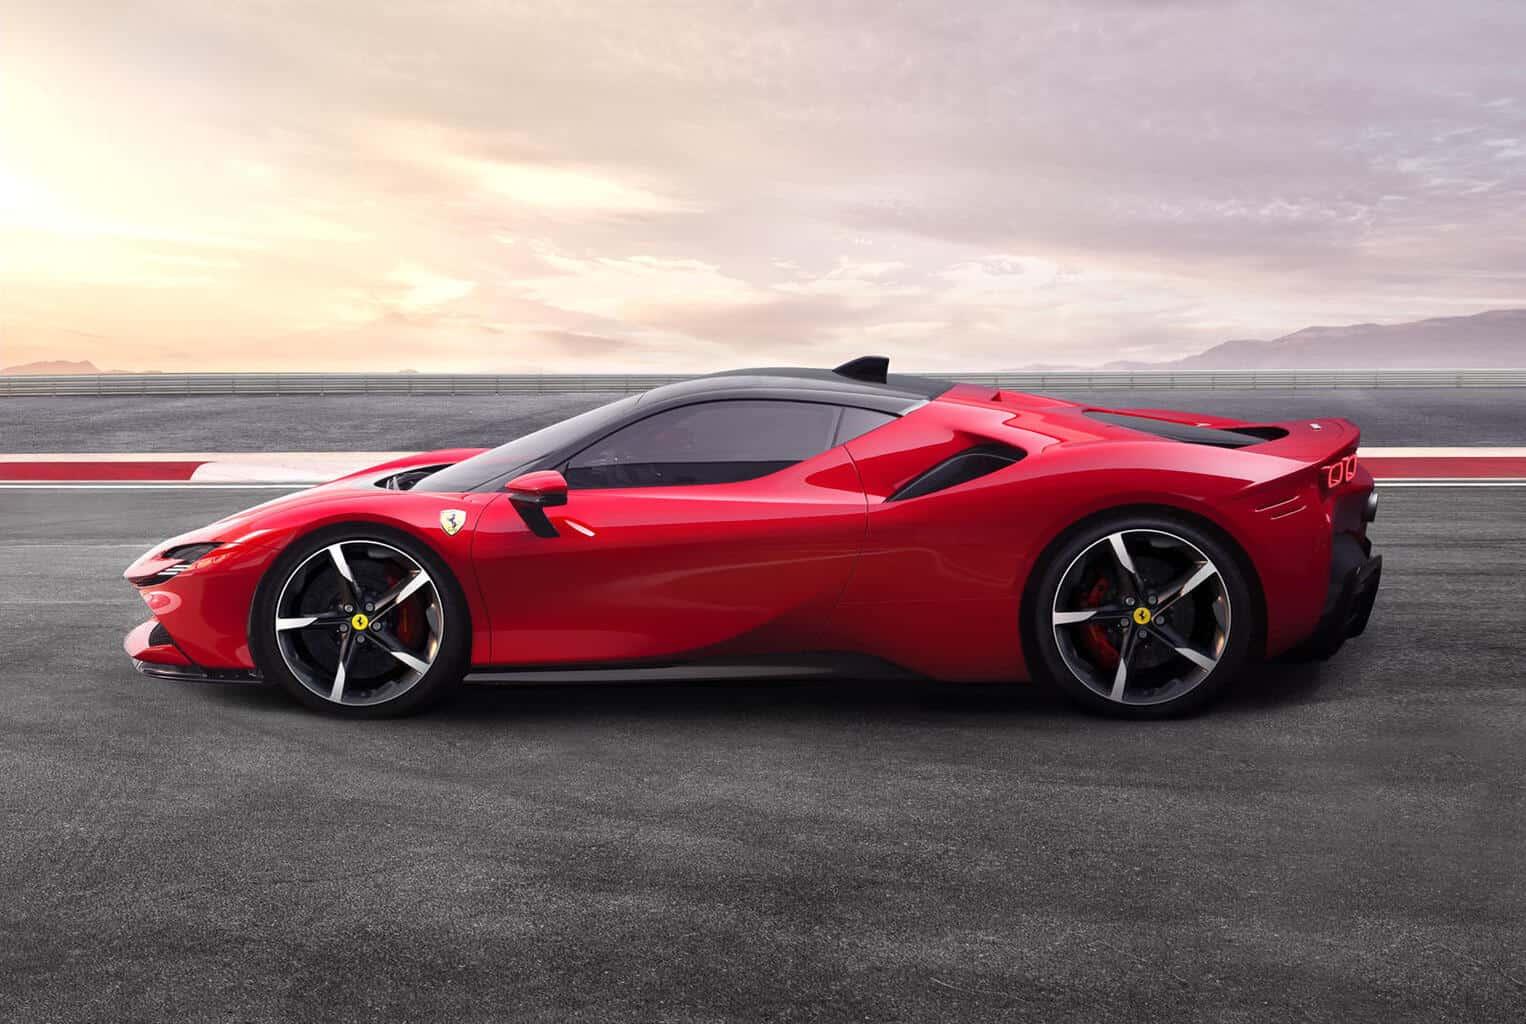 Todo lo que necesitas saber sobre el primer híbrido enchufable Ferrari SF90 Stradale